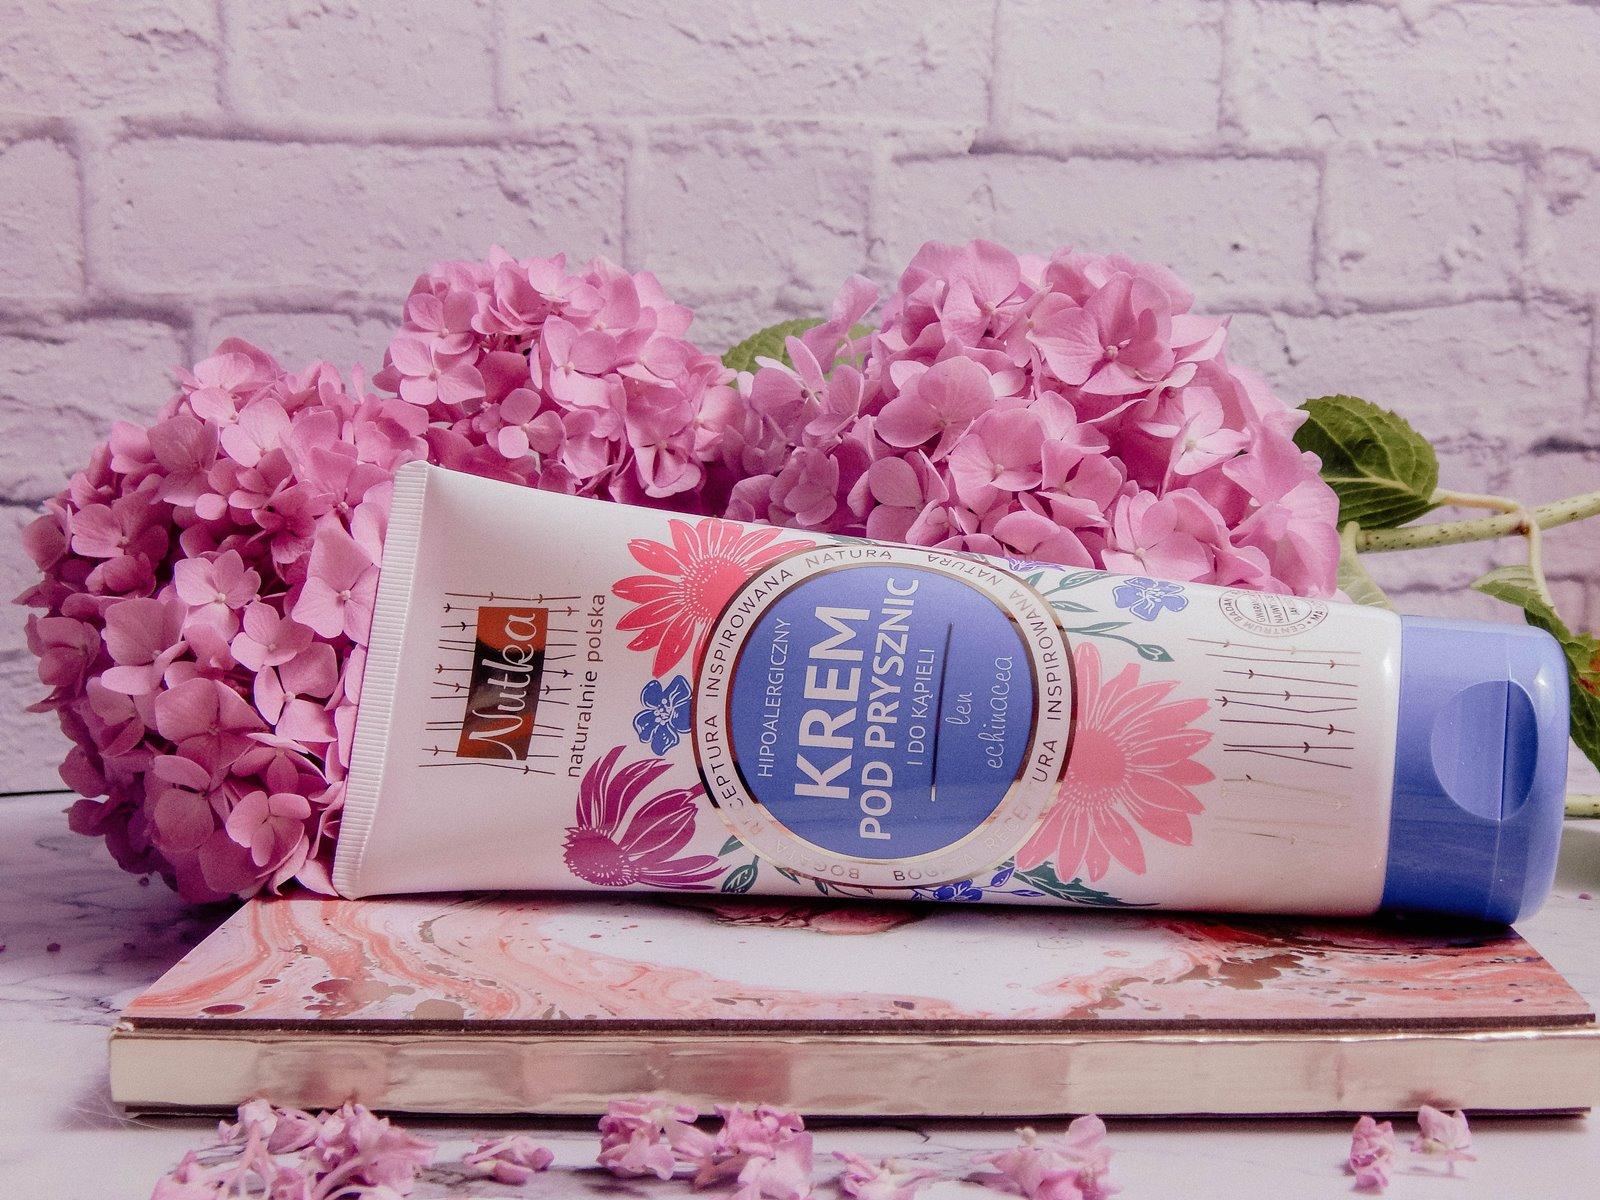 6 recenzja nowości kosmetyczne trico botanica szampon odzywka opinie recenzja pink marshmallow i love balmi recenzja nutka balsam do higieny intymnej okłady maska na oczy rozgrzewająca balsam strawberries and cream seba med